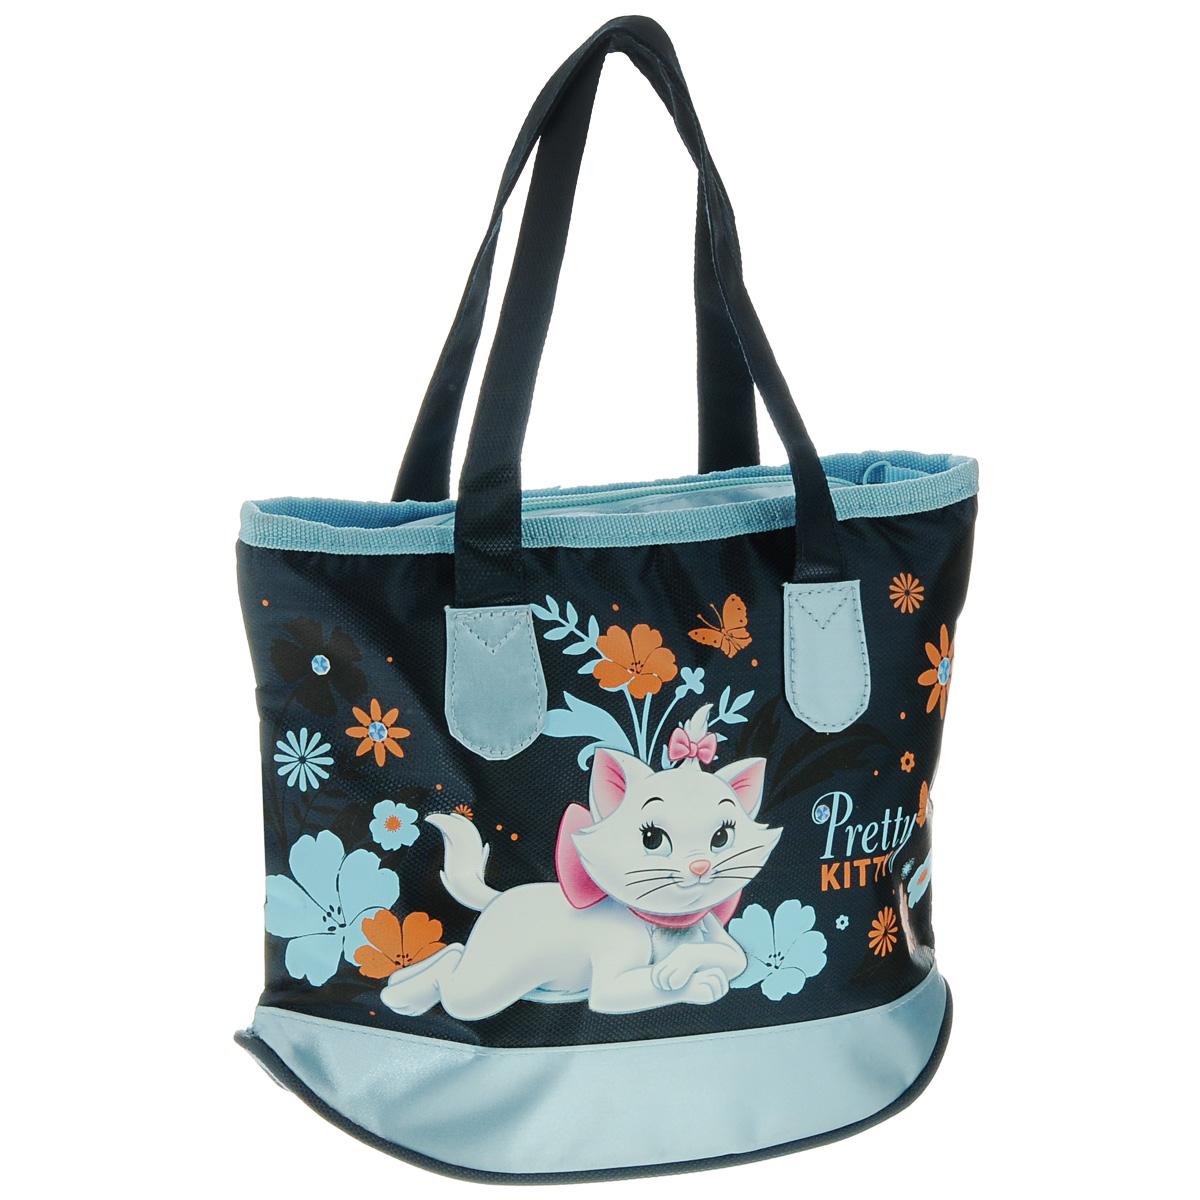 Сумка детская Marie Cat, цвет: темно-синий, голубой oiwas мумия сумка мода мать сумочка